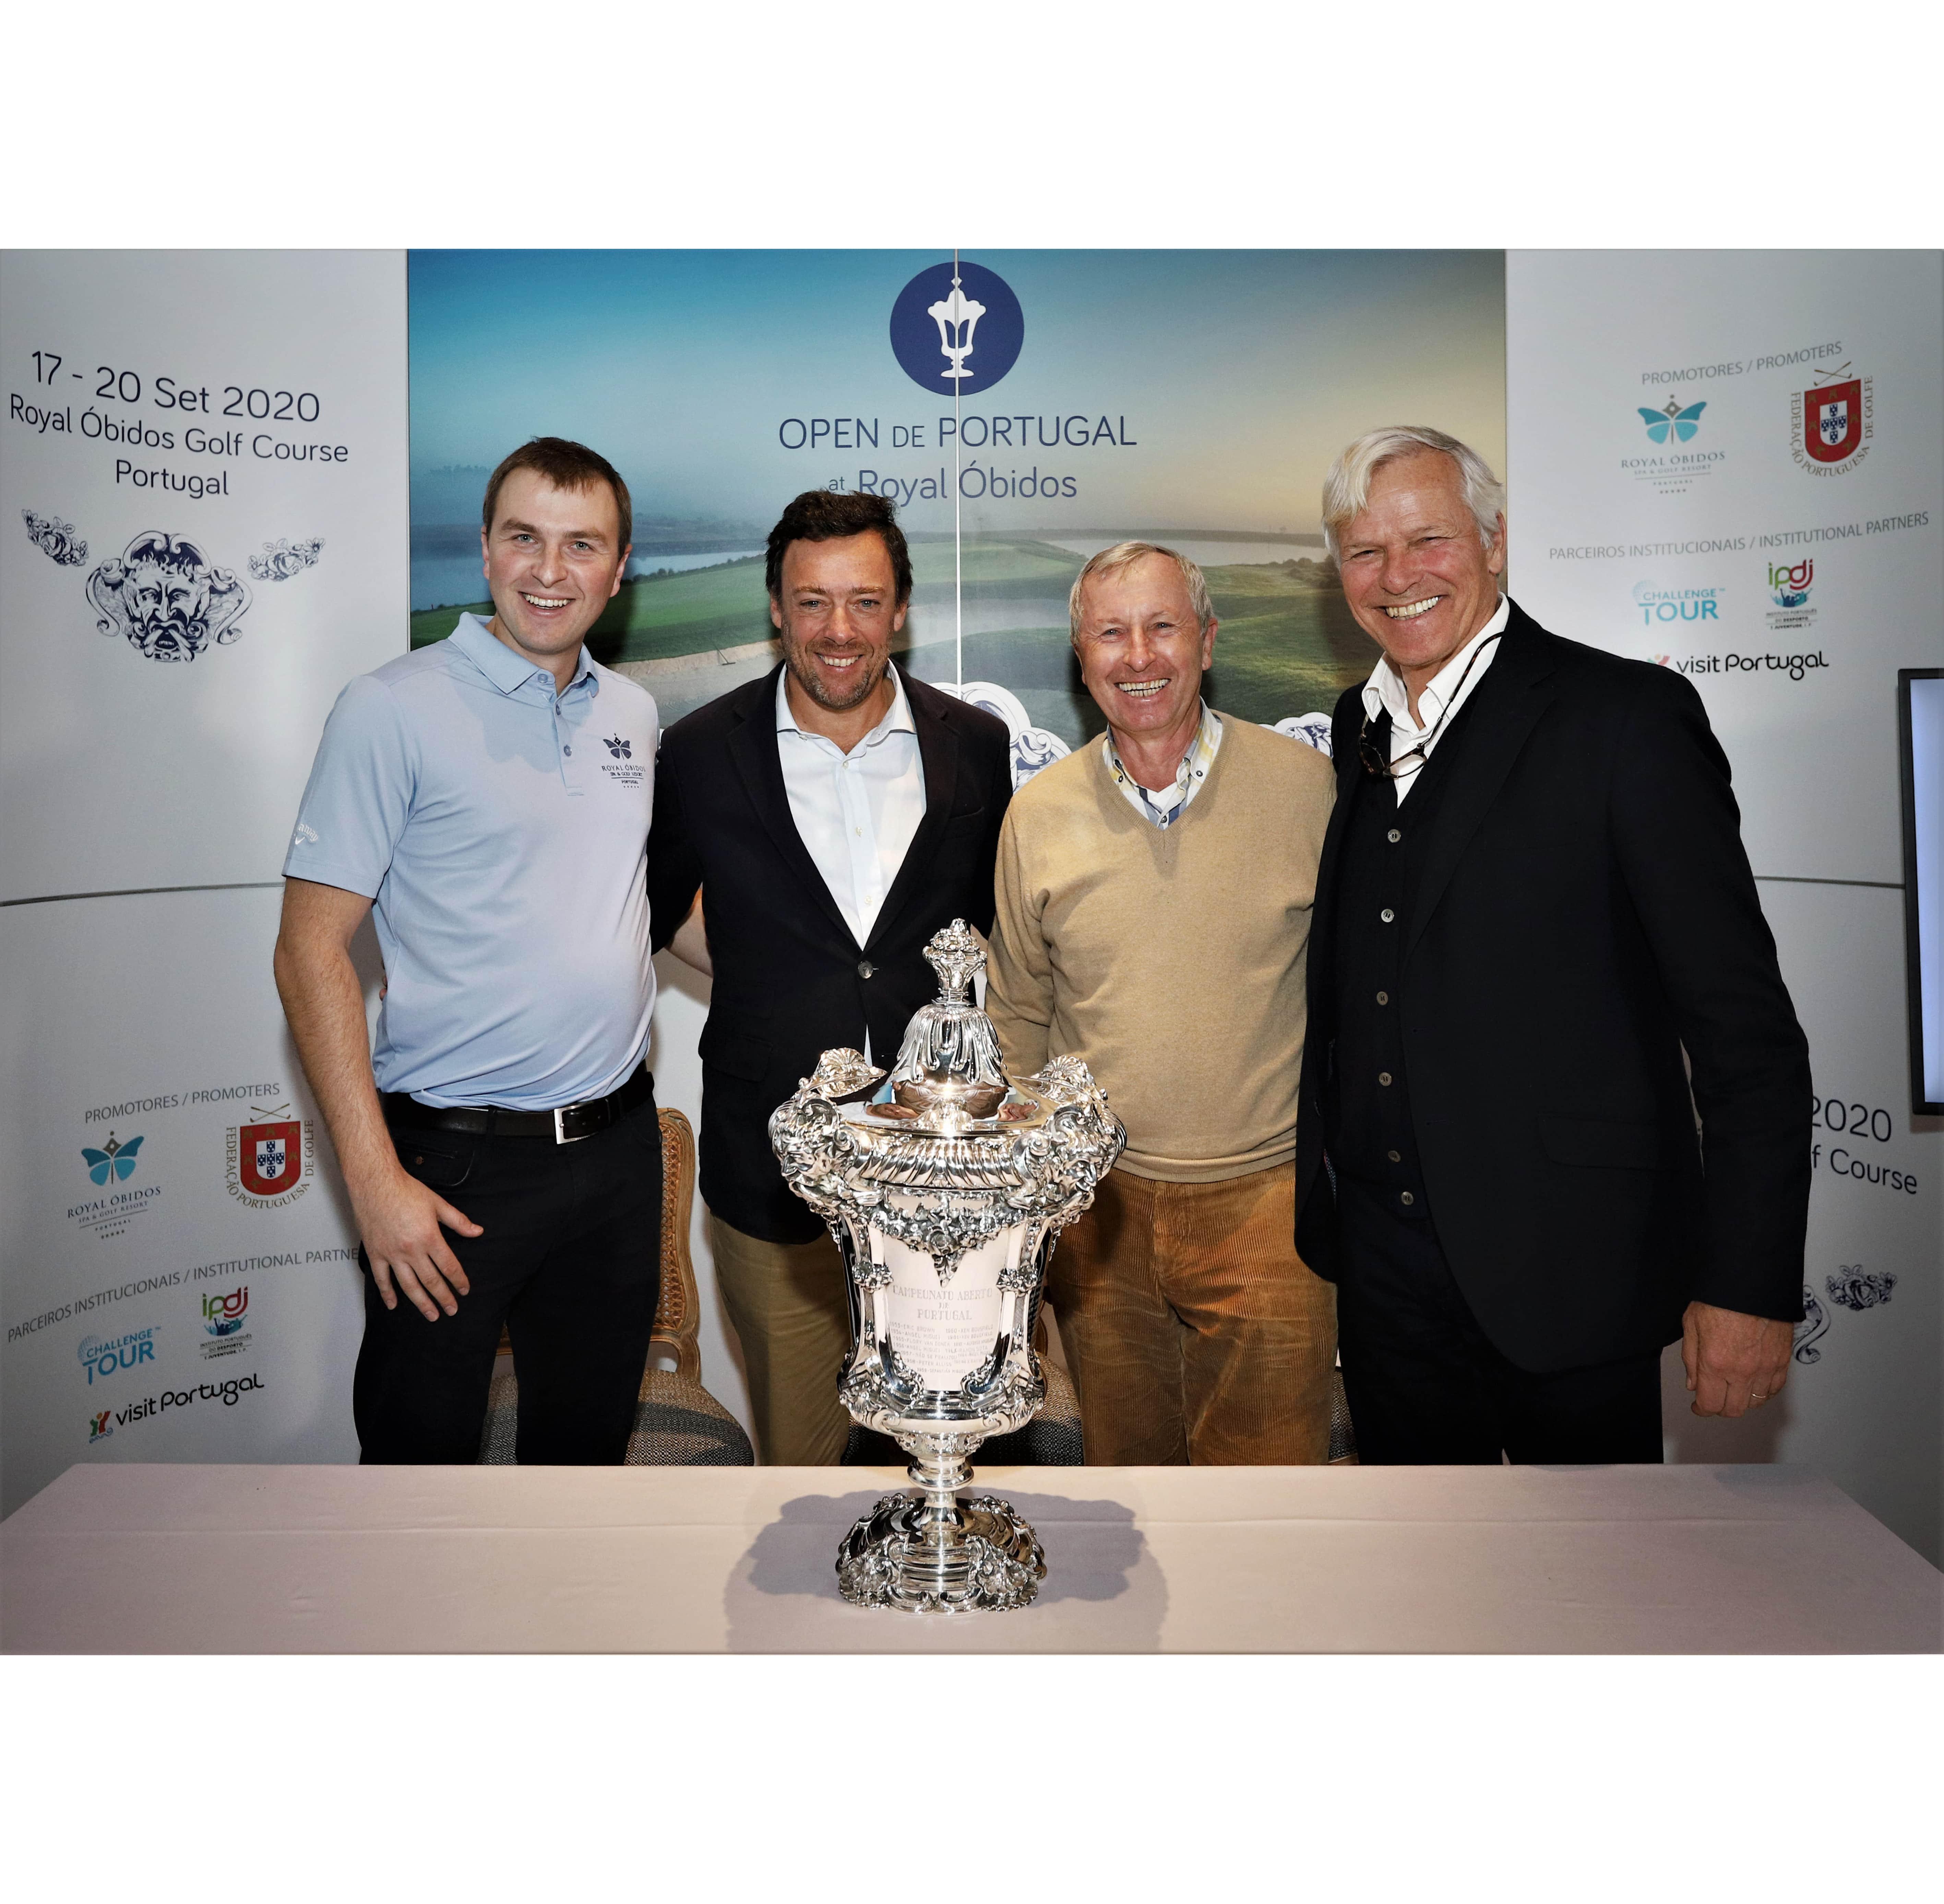 58.º Open de Portugal at Royal Óbidos – Open de Portugal volta a integrar calendário do European Tour